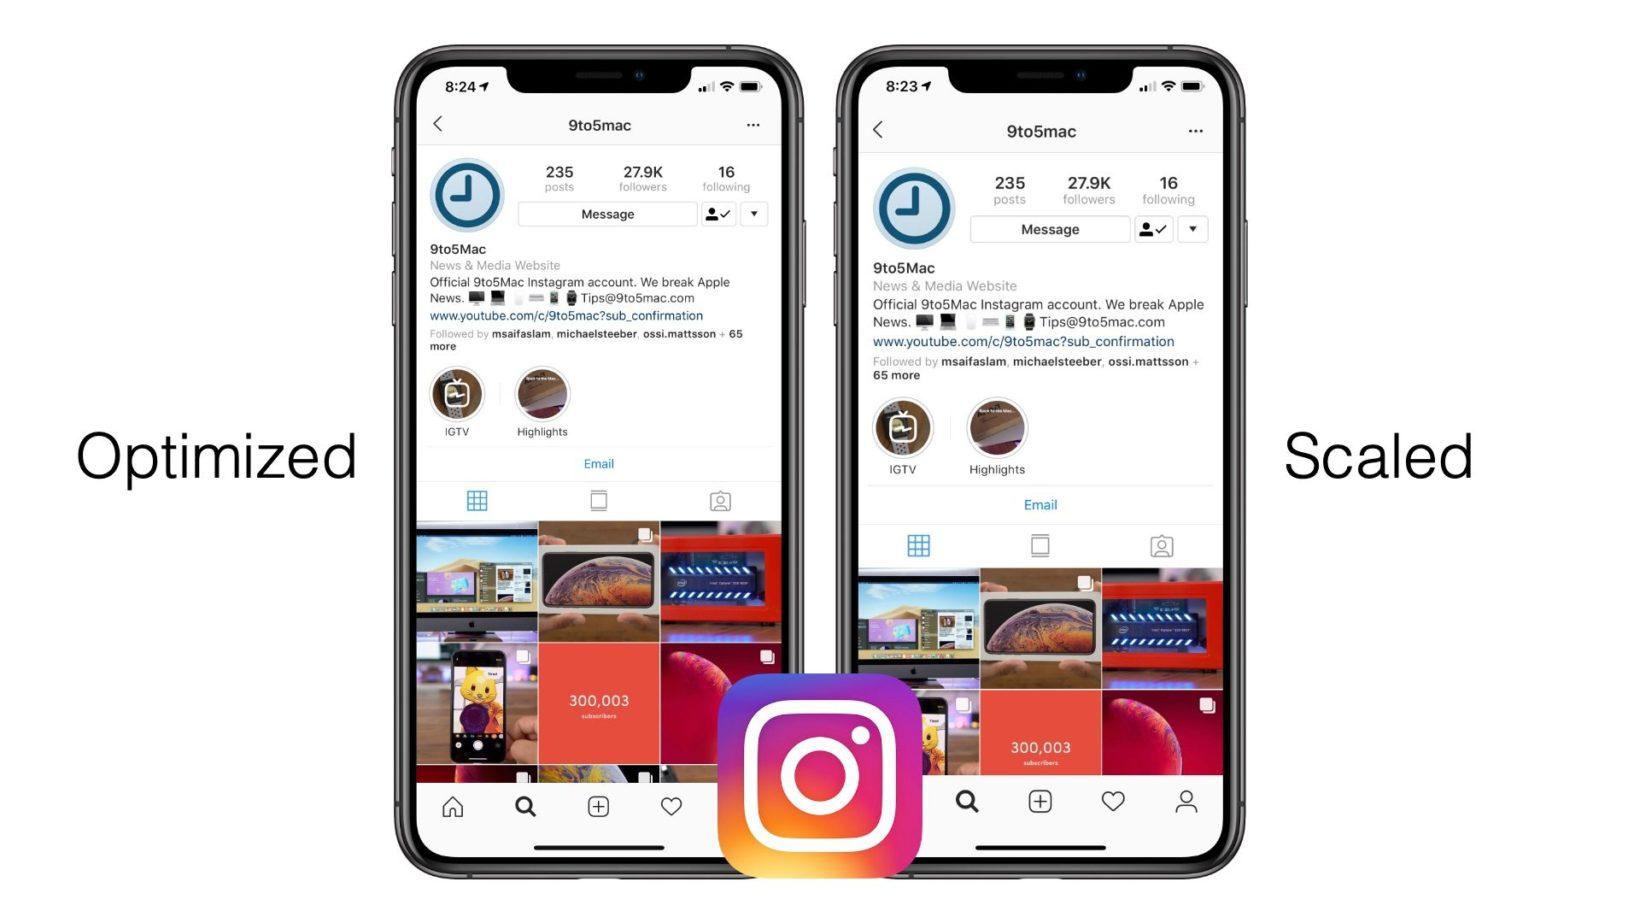 Ecco perché Instagram non è più ottimizzato per iPhone XR e XS Max